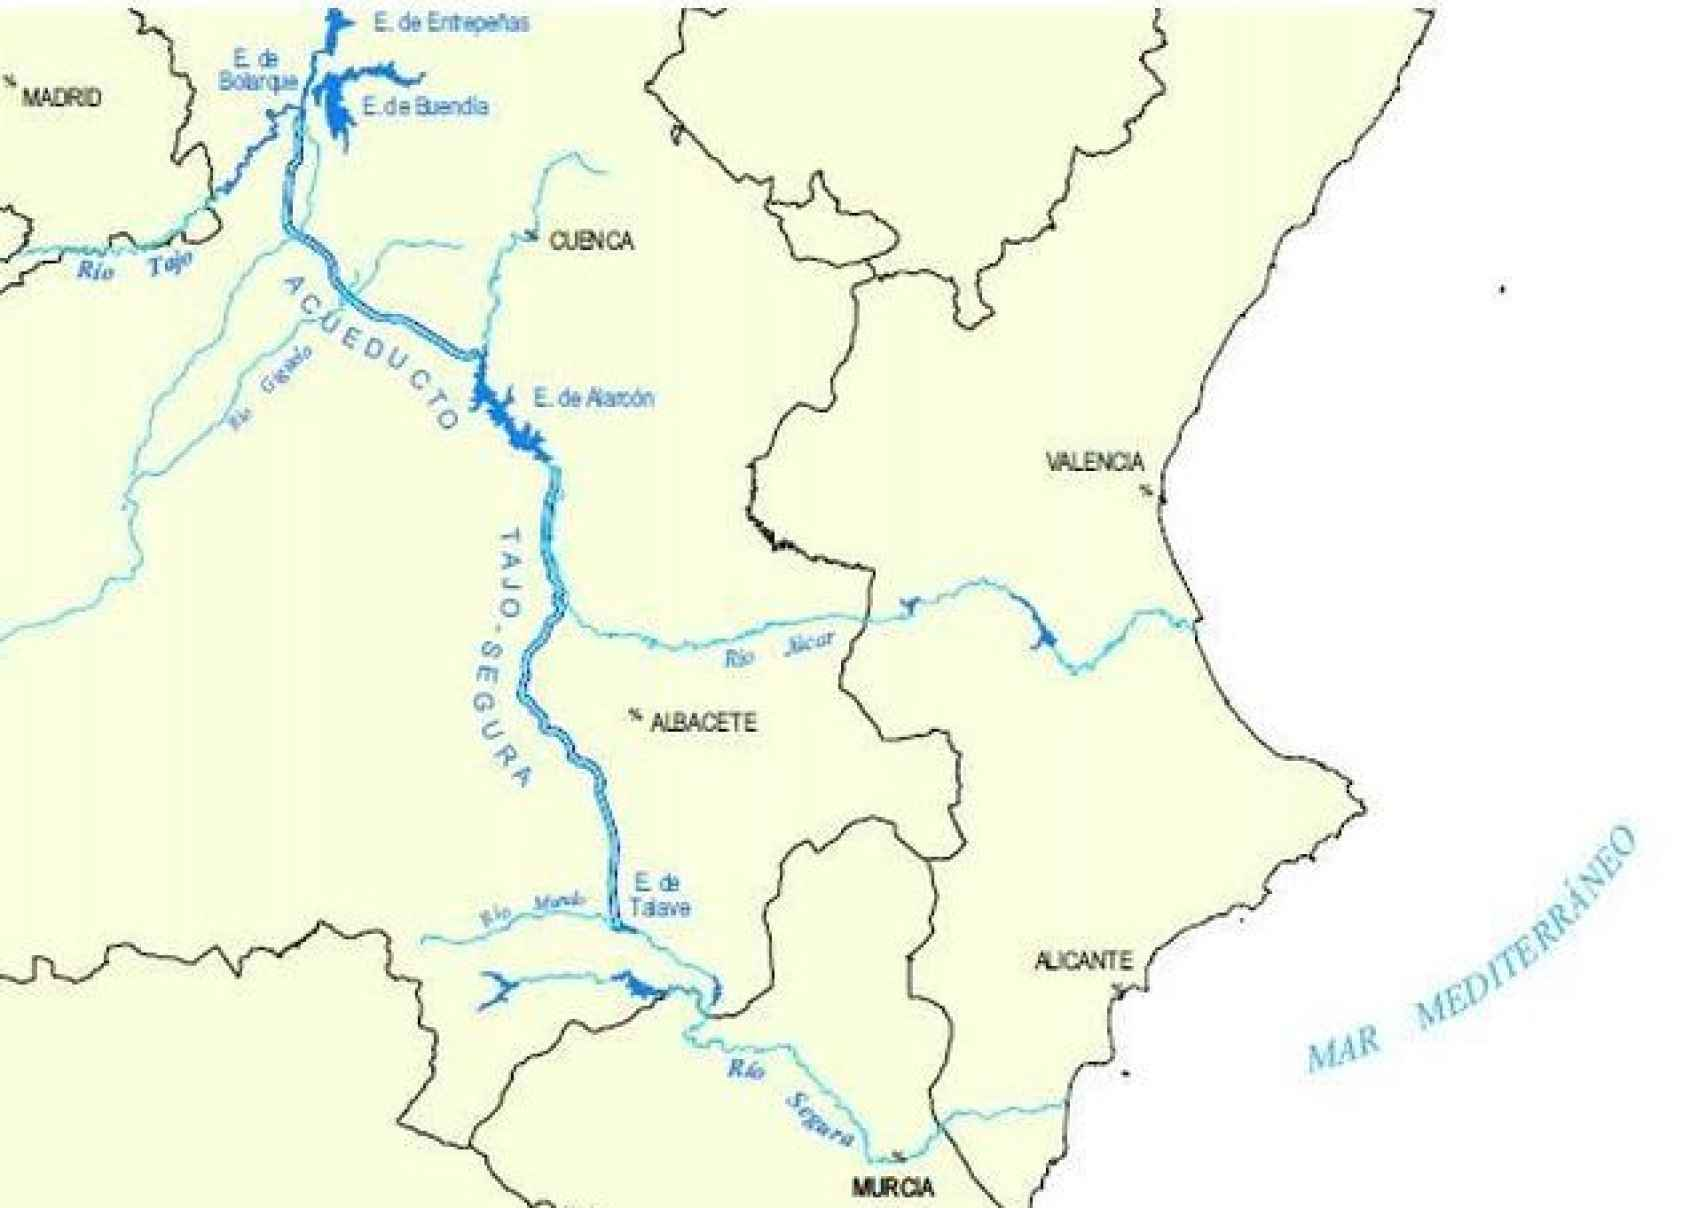 Mapa del trasvase Tajo-Segura.